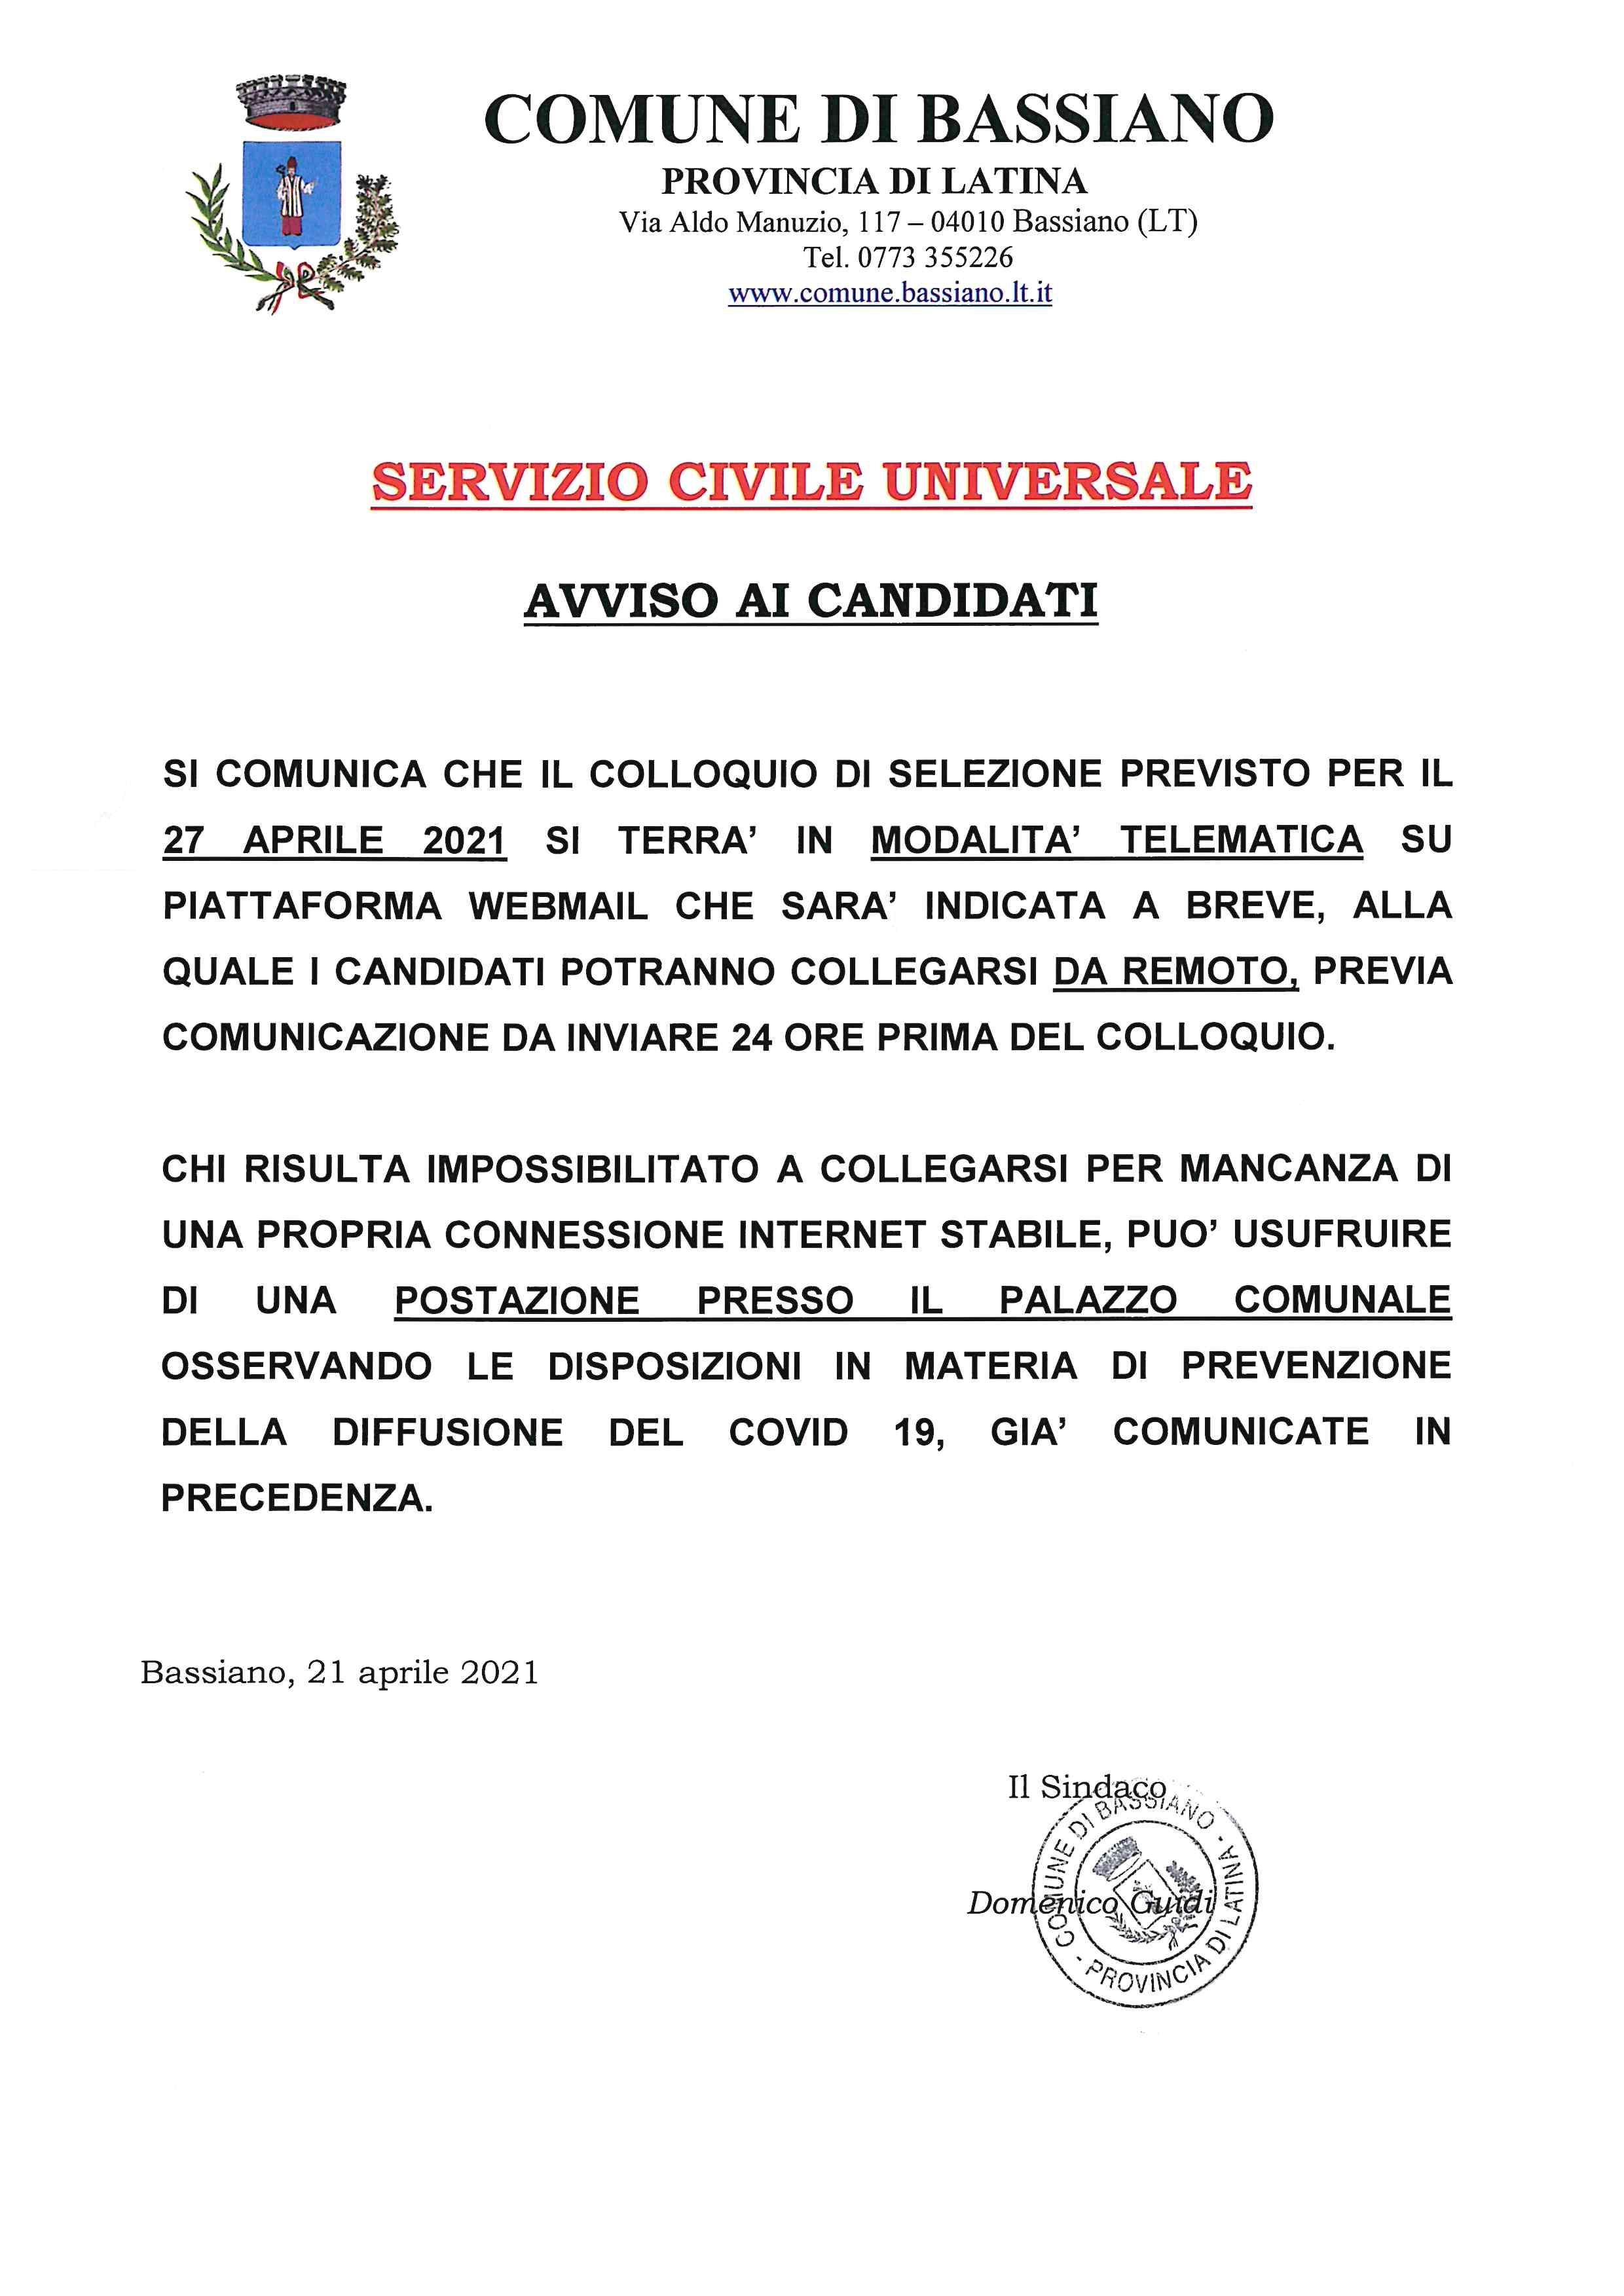 AVVISO PUBBLICO - servizio civile universale